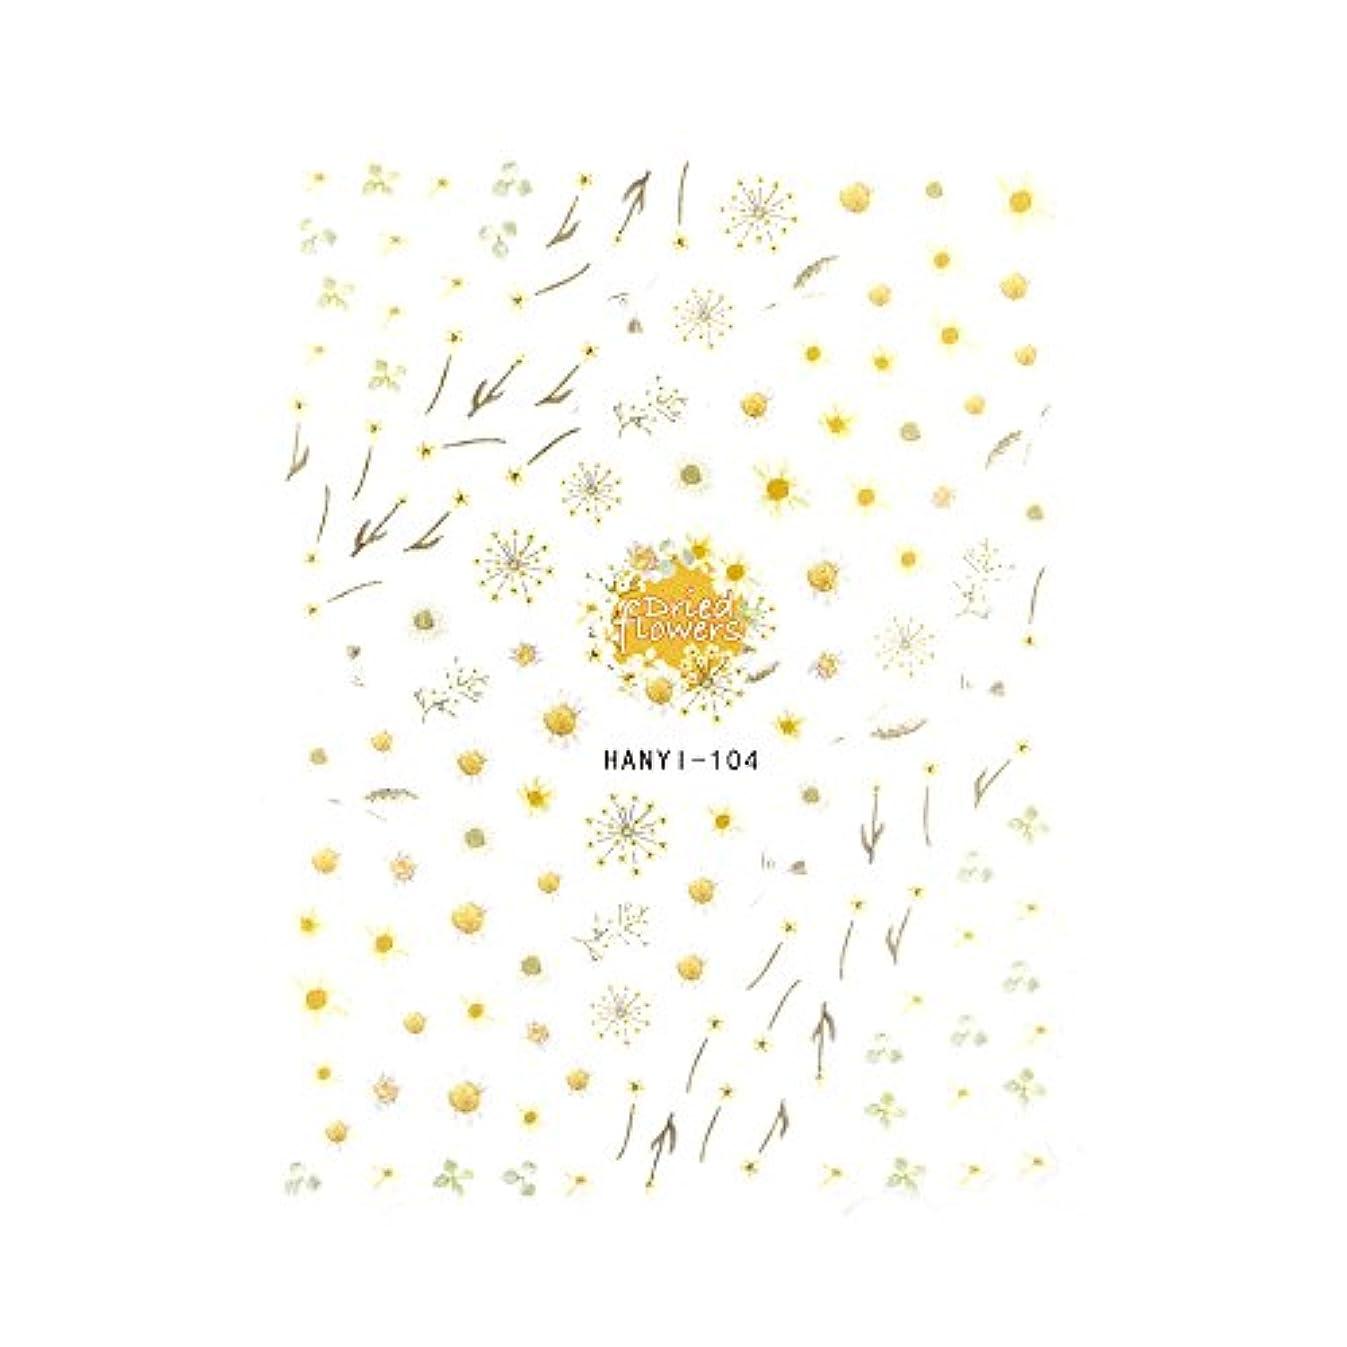 祭りほとんどの場合悪行【HANYI-104】アイボリードライフラワーシール ドライフラワーネイル 花柄ネイル フルール 春ネイル ニュアンスネイル 押し花